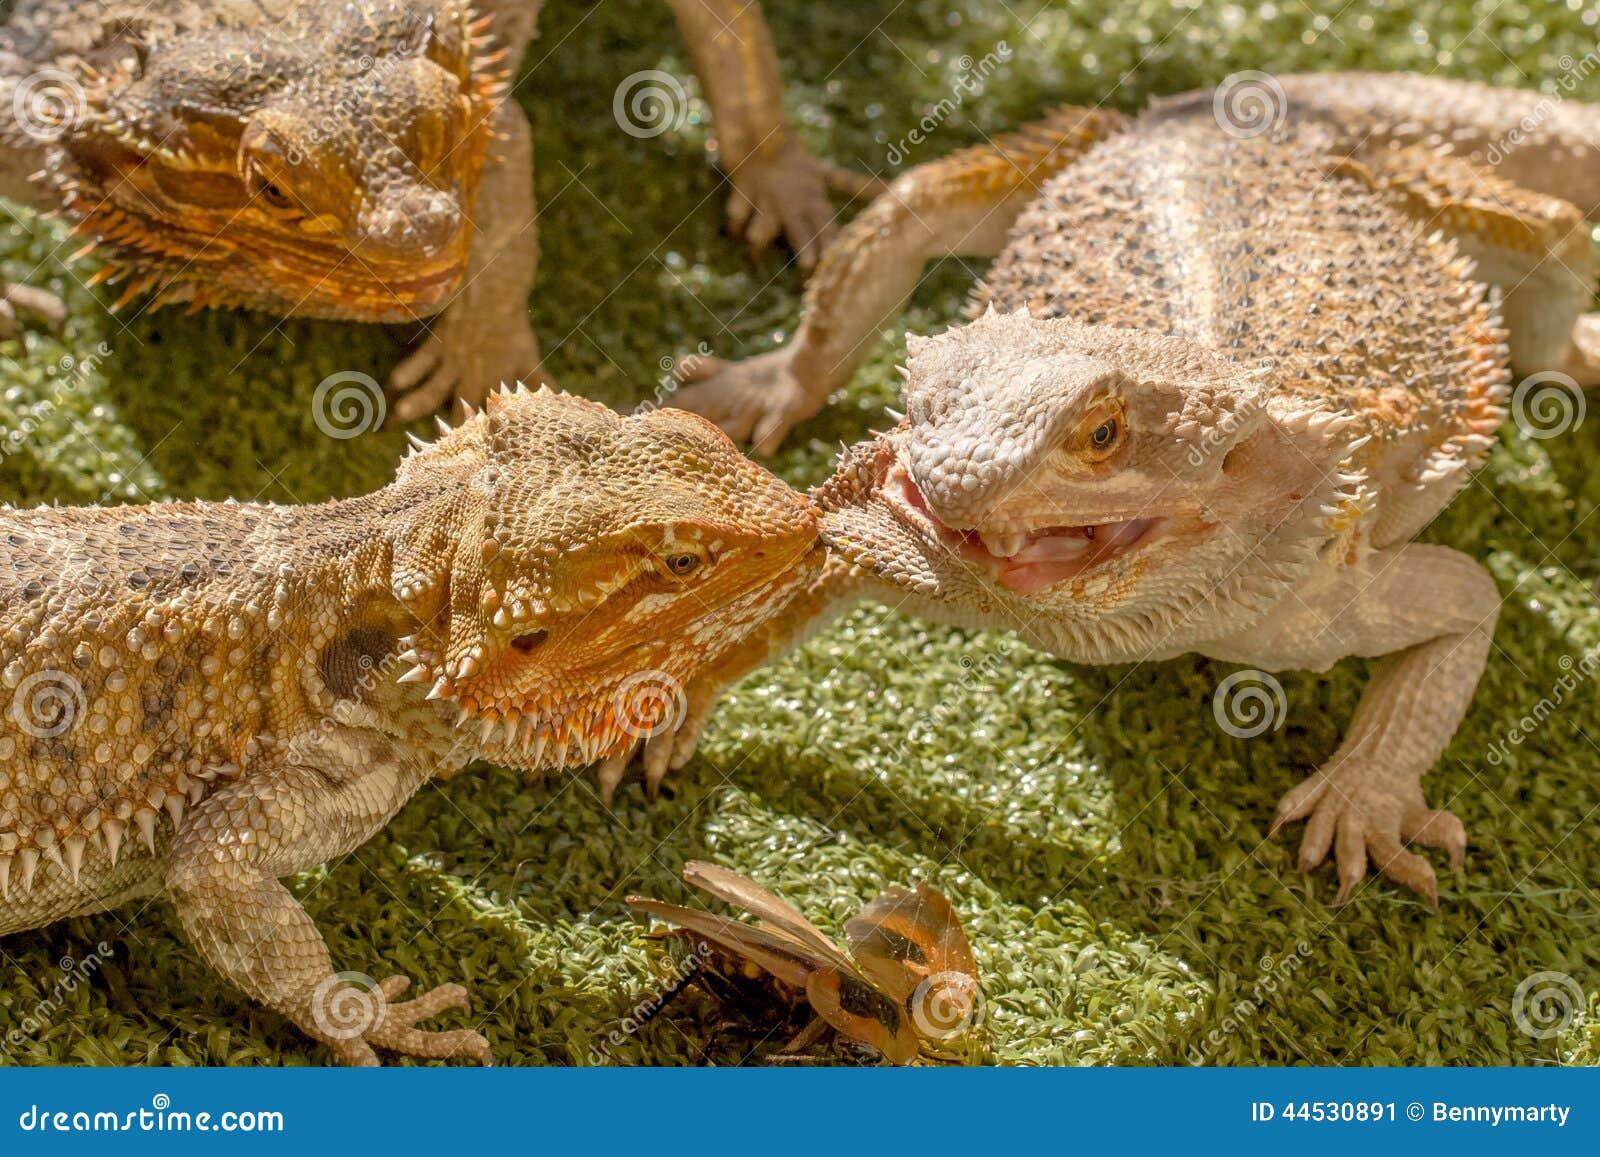 Reptielen die voor Voedsel concurreren